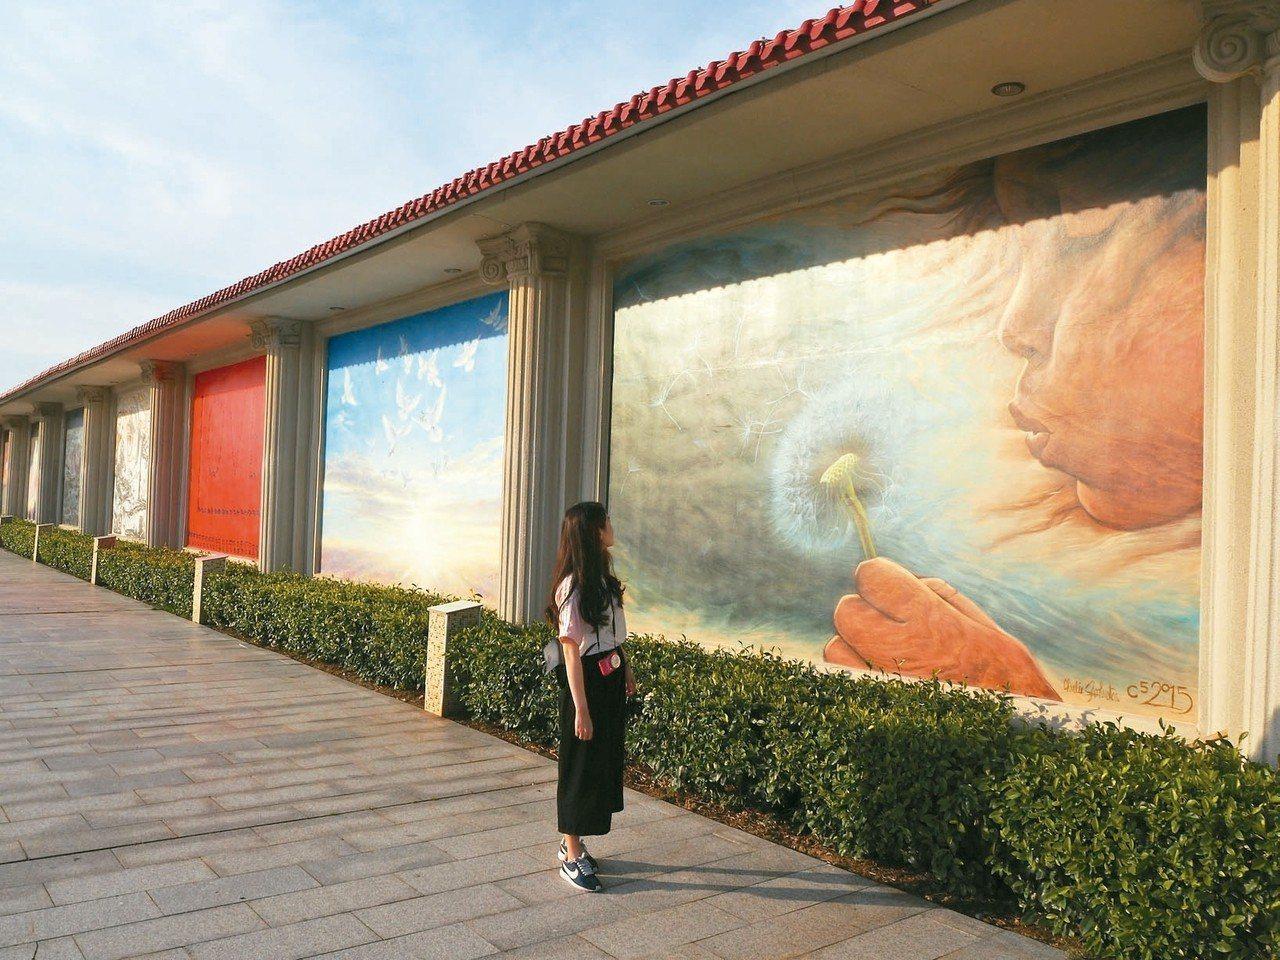 創世界紀錄的畫牆。 特派記者羅建怡/攝影